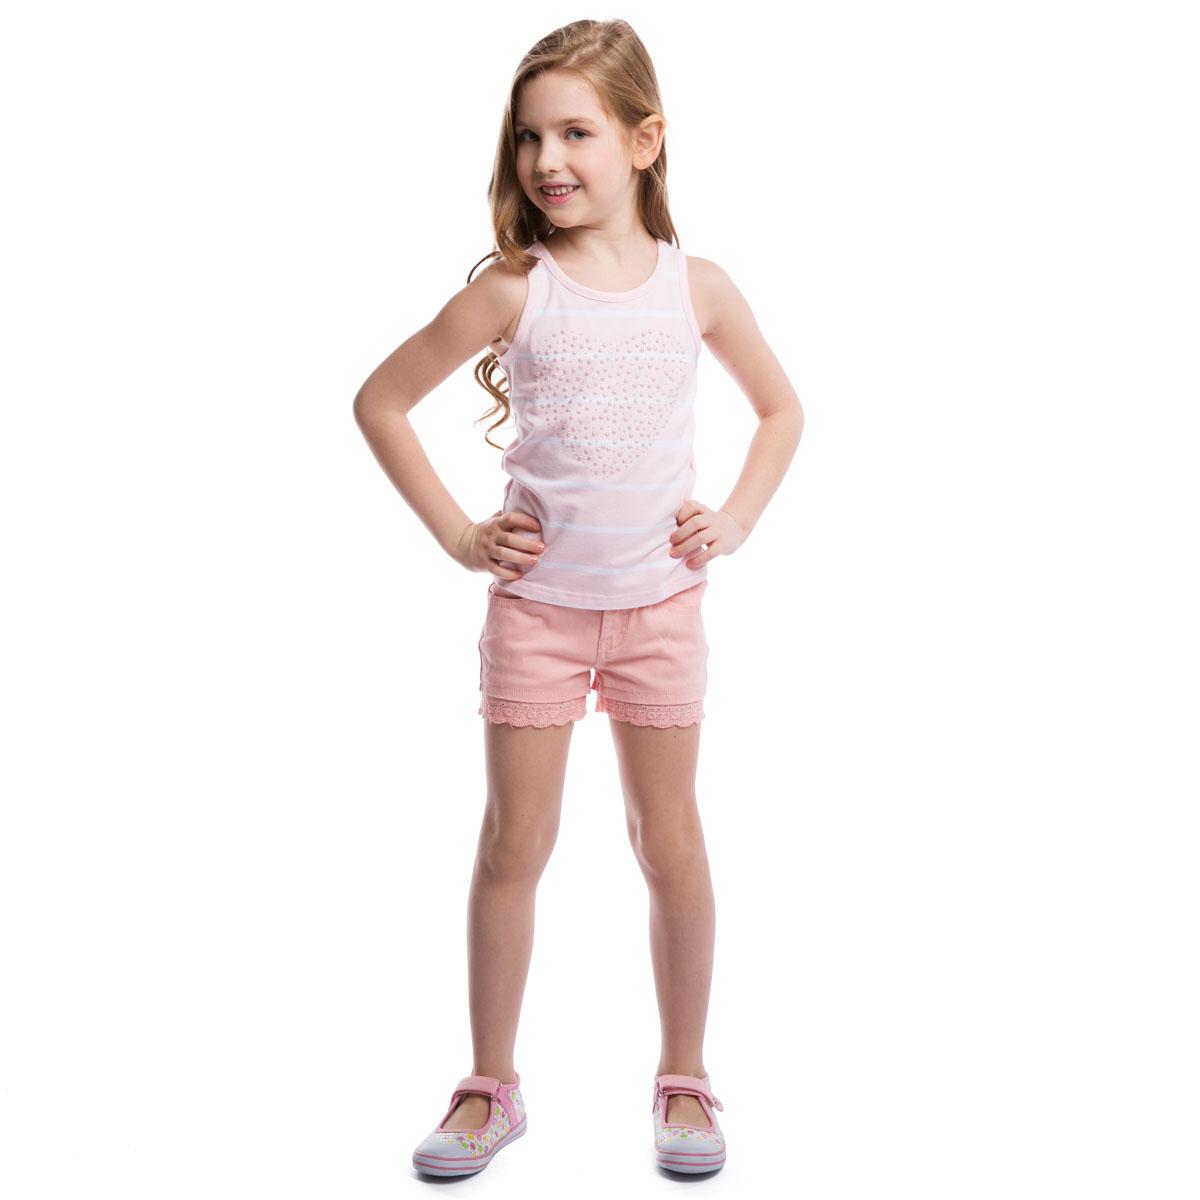 262016Майка для девочки PlayToday идеально подойдет вашей маленькой принцессе. Изготовленная из эластичного хлопка, она мягкая и приятная на ощупь, не сковывает движения и позволяет коже дышать, обеспечивая комфорт. Майка с круглым вырезом горловины и широкими бретелями оформлена принтом в полоску. Спереди изделие декорировано сердечком из перламутровых бусин. Сзади майка украшена бантом. Дизайн и расцветка делают эту майку модным и стильным предметом детского гардероба. В ней маленькая модница будет чувствовать себя уютно, комфортно и всегда будет в центре внимания!